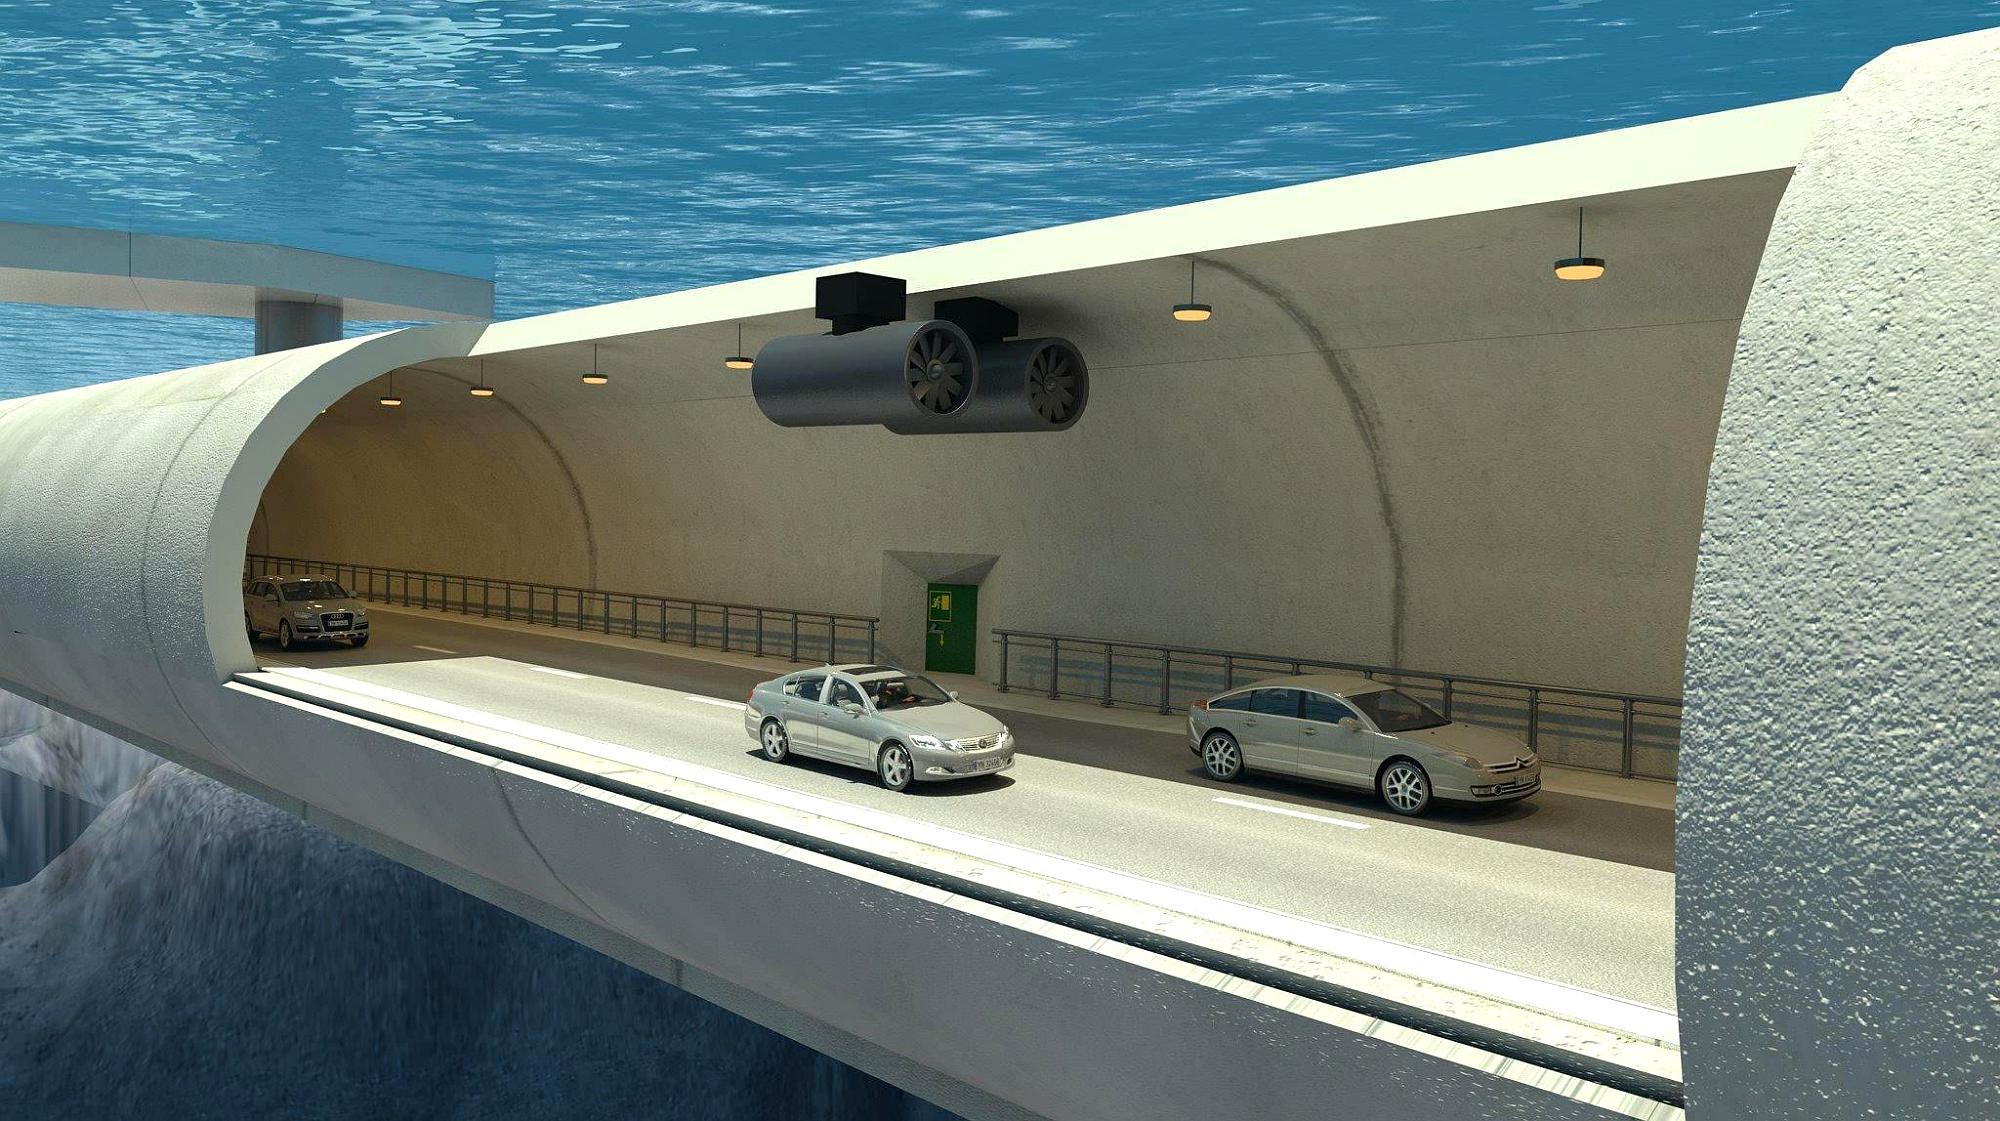 大海里面全是水,海底隧道是如何修建的?看完为我国技术感到自豪